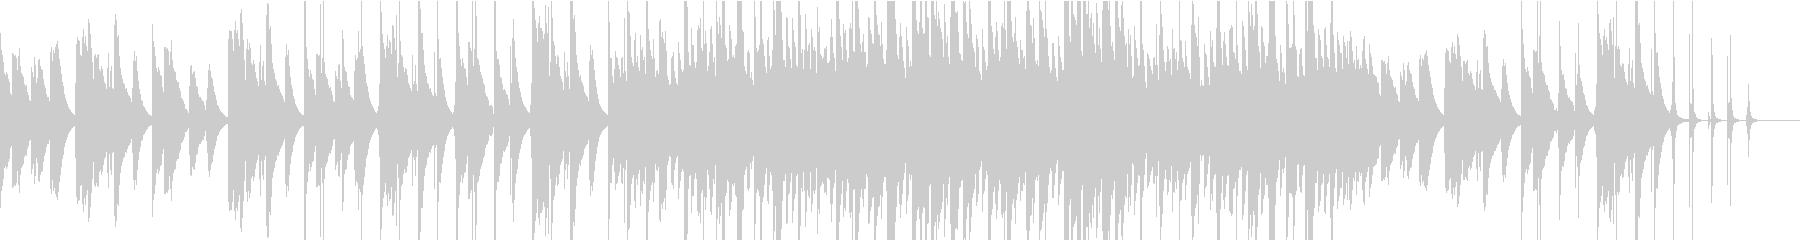 チェレスタ主体のさびしげなバラードの未再生の波形